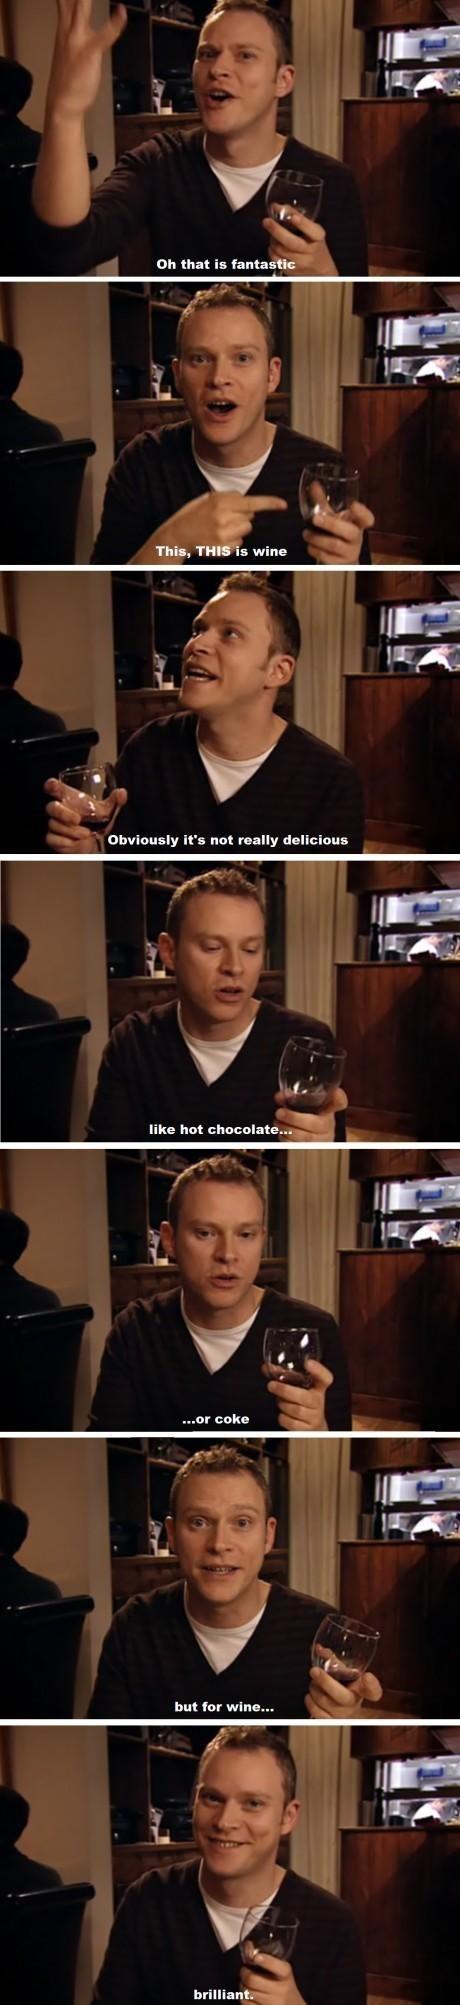 delicious peep show TV wine